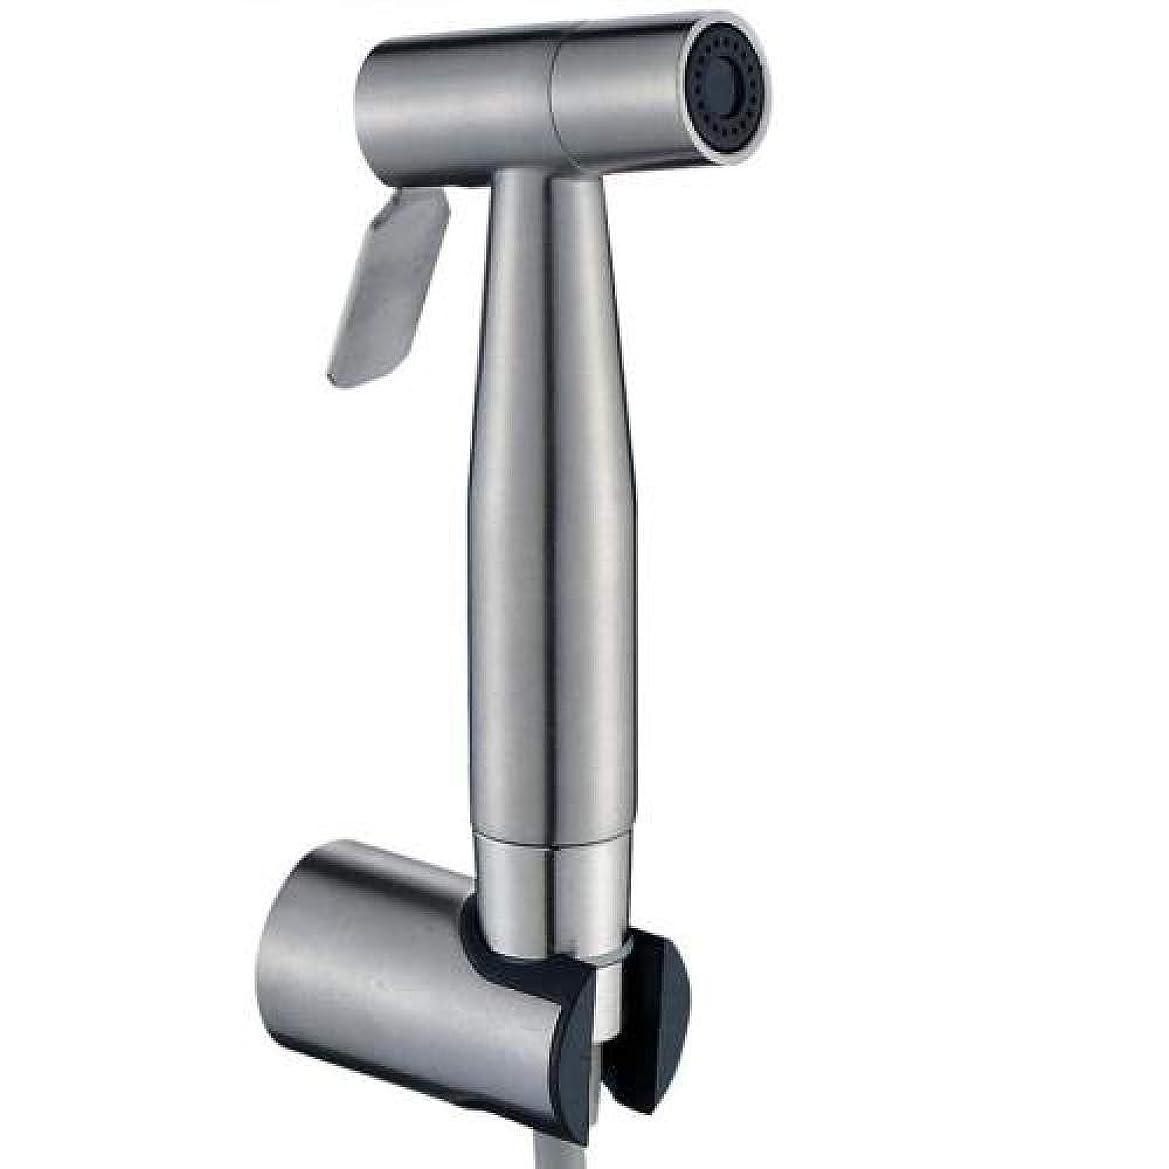 吸い込むブロックする機会YASE-king 304ステンレス鋼のシャワーセット - ペット入浴Closestoolしゃがんパン床清掃のために設定してください